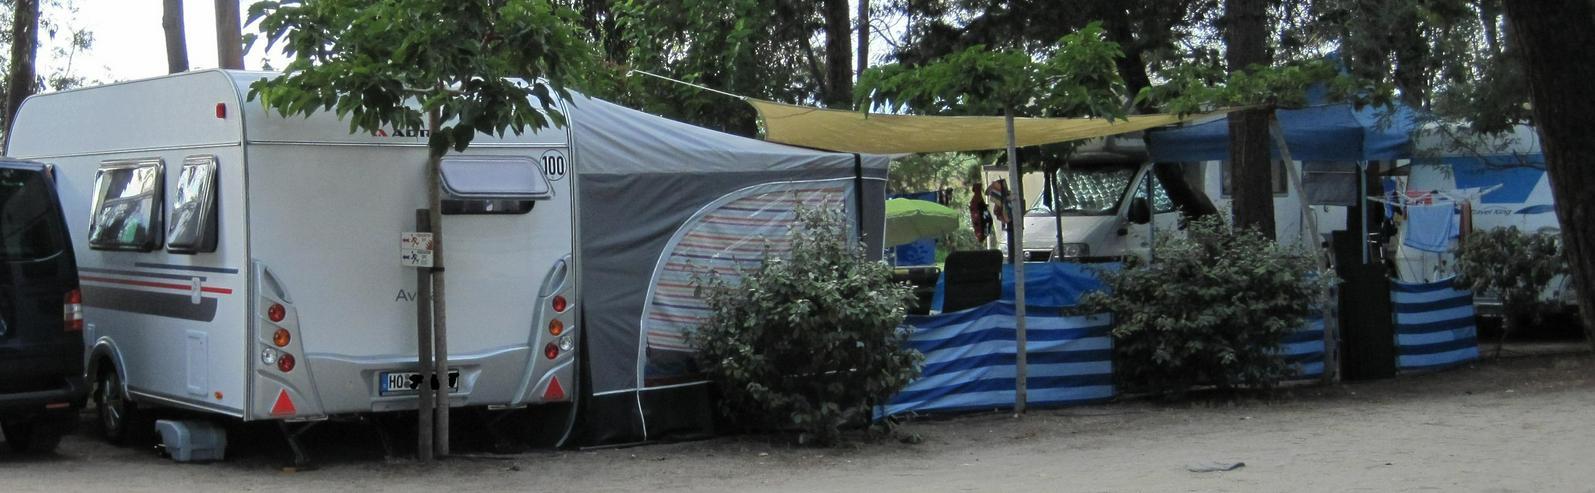 Bild 8: Wohnwagen Adria Aviva 482 LH, Mover, Klima, TV, Vorzelt, Warmwasser